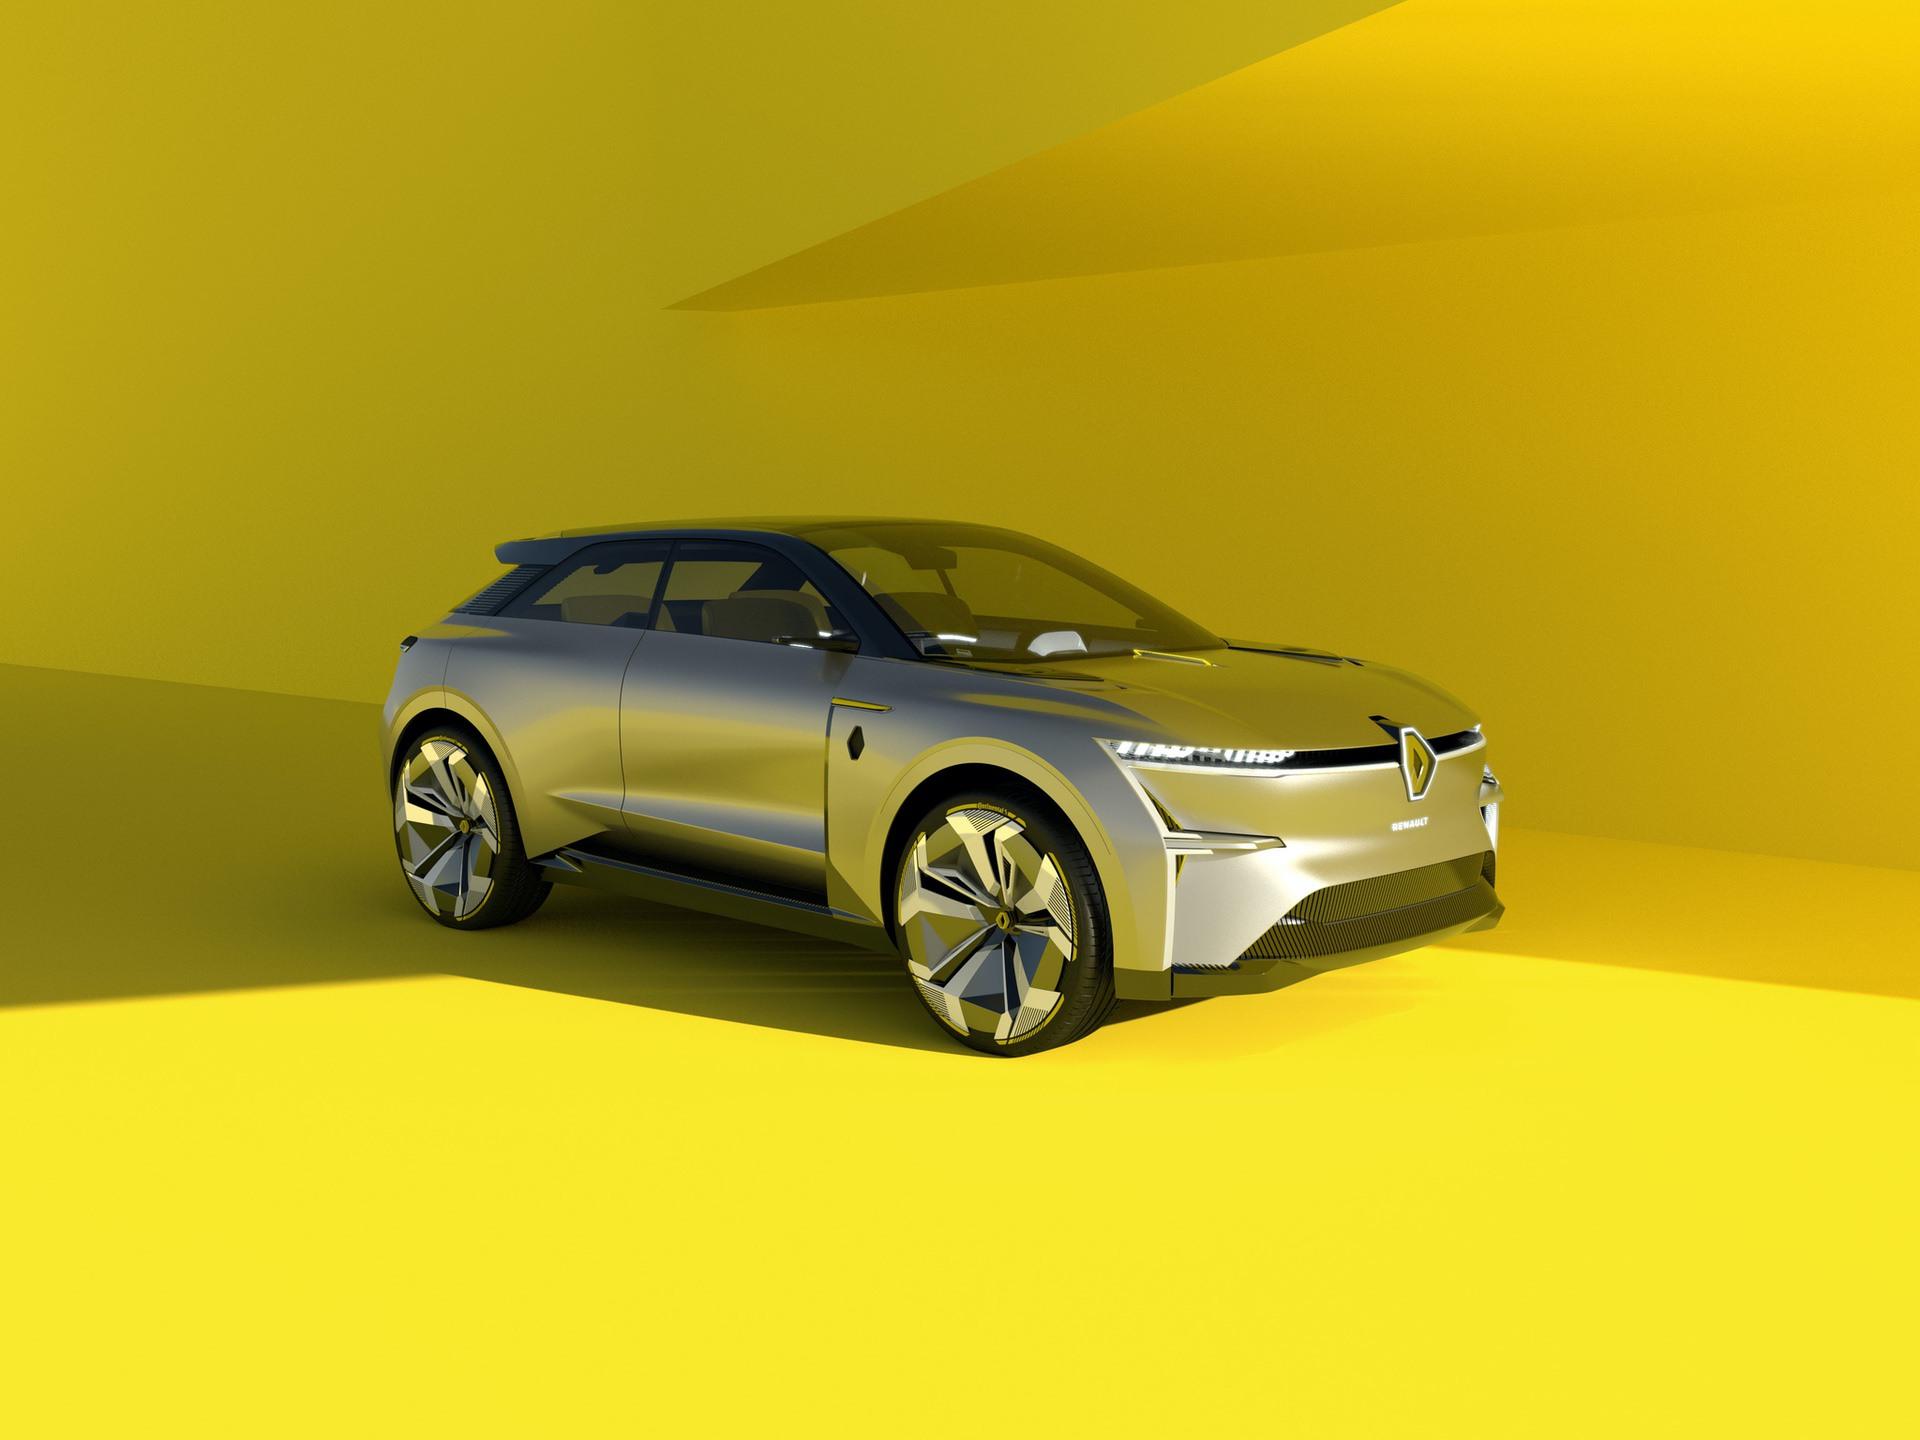 Renault_Morphoz_concept_0012